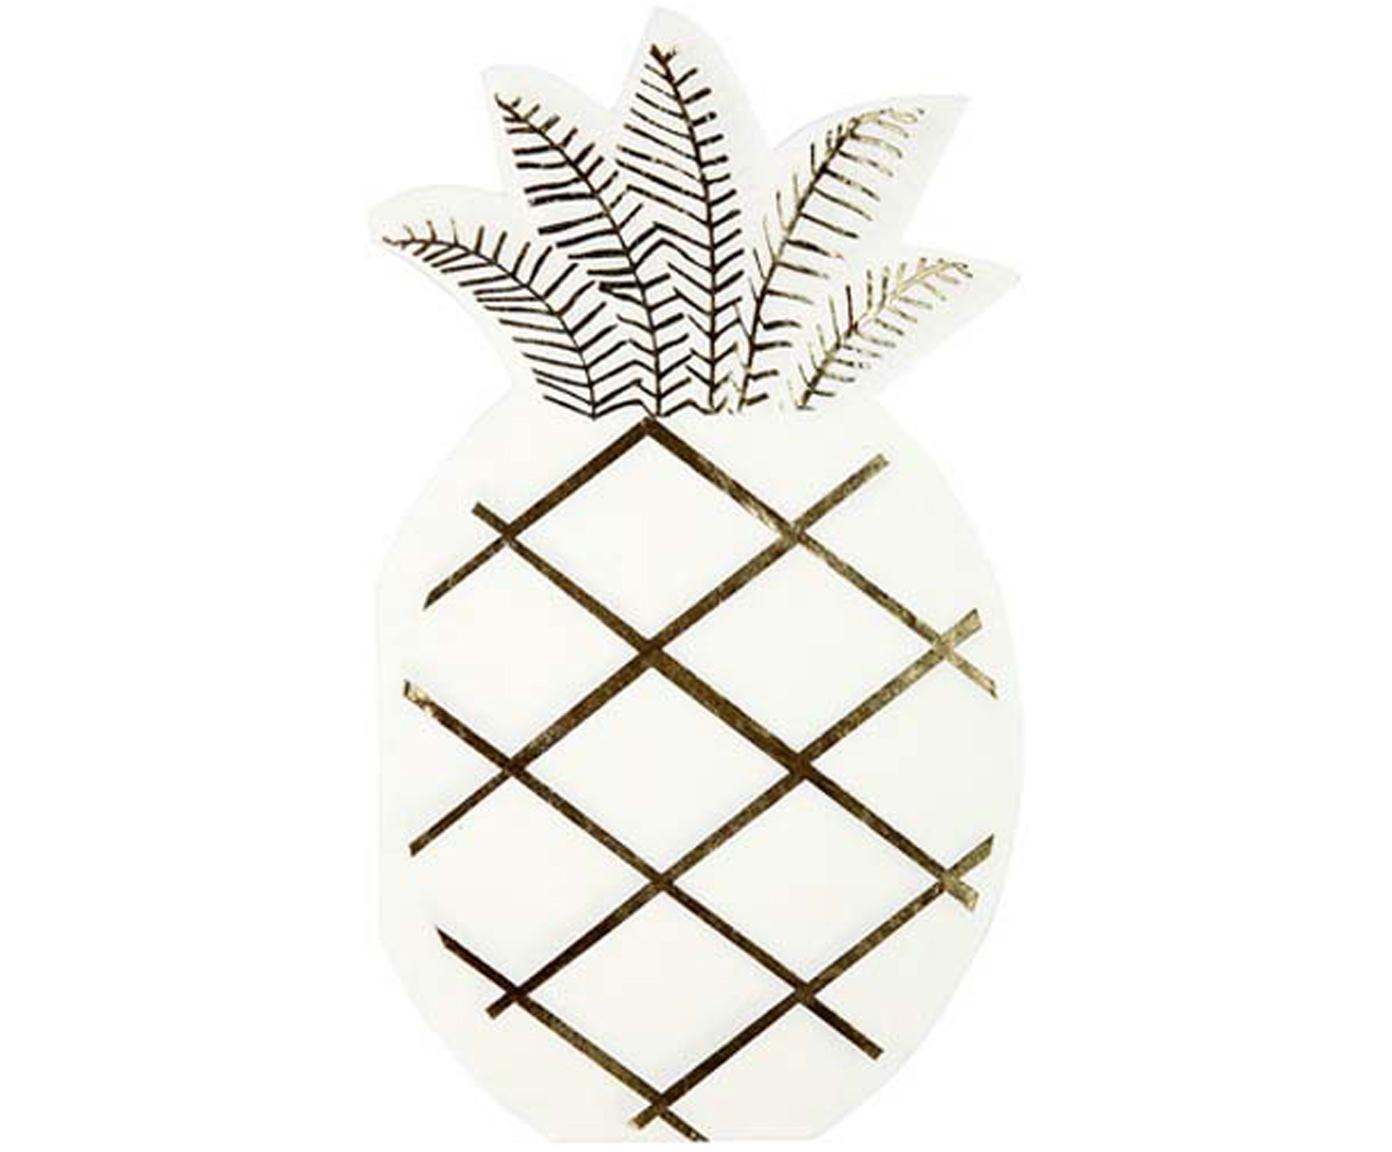 Serwetka z papieru Pineapple, 16 szt., Papier, Biały, odcienie złotego, S 10 x D 18 cm